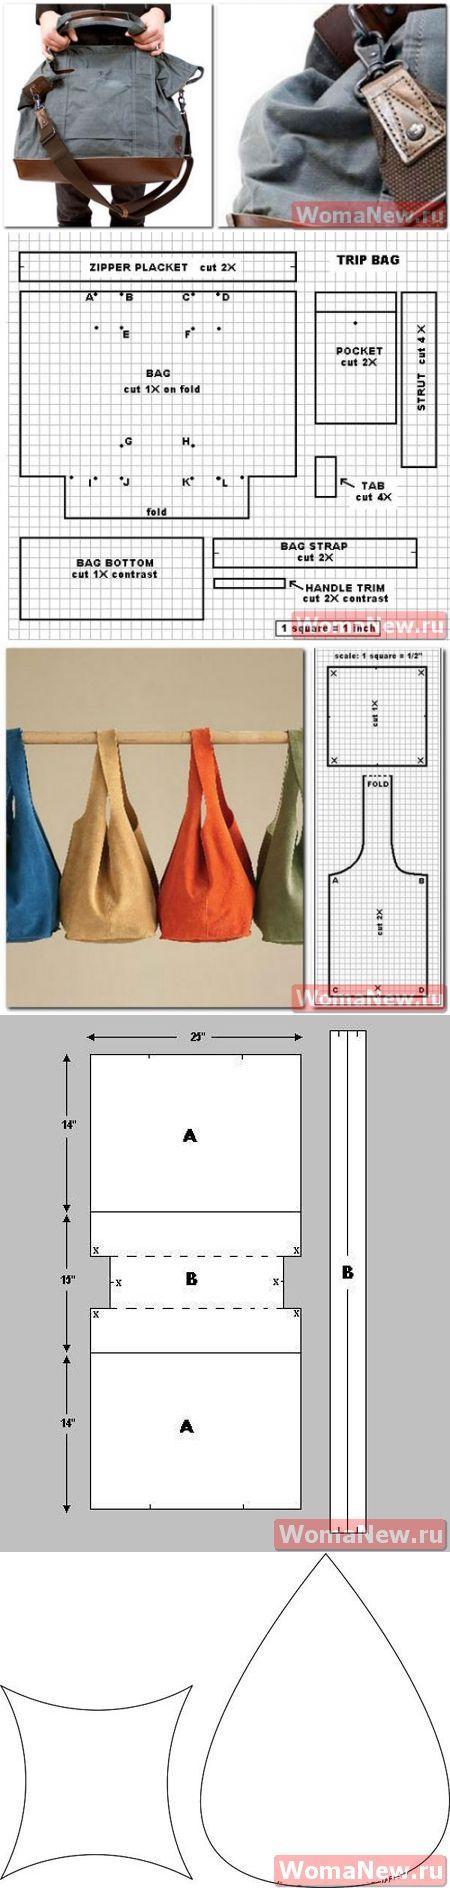 Выкройки сумок из ткани   WomaNew.ru - уроки кройки и шитья ...